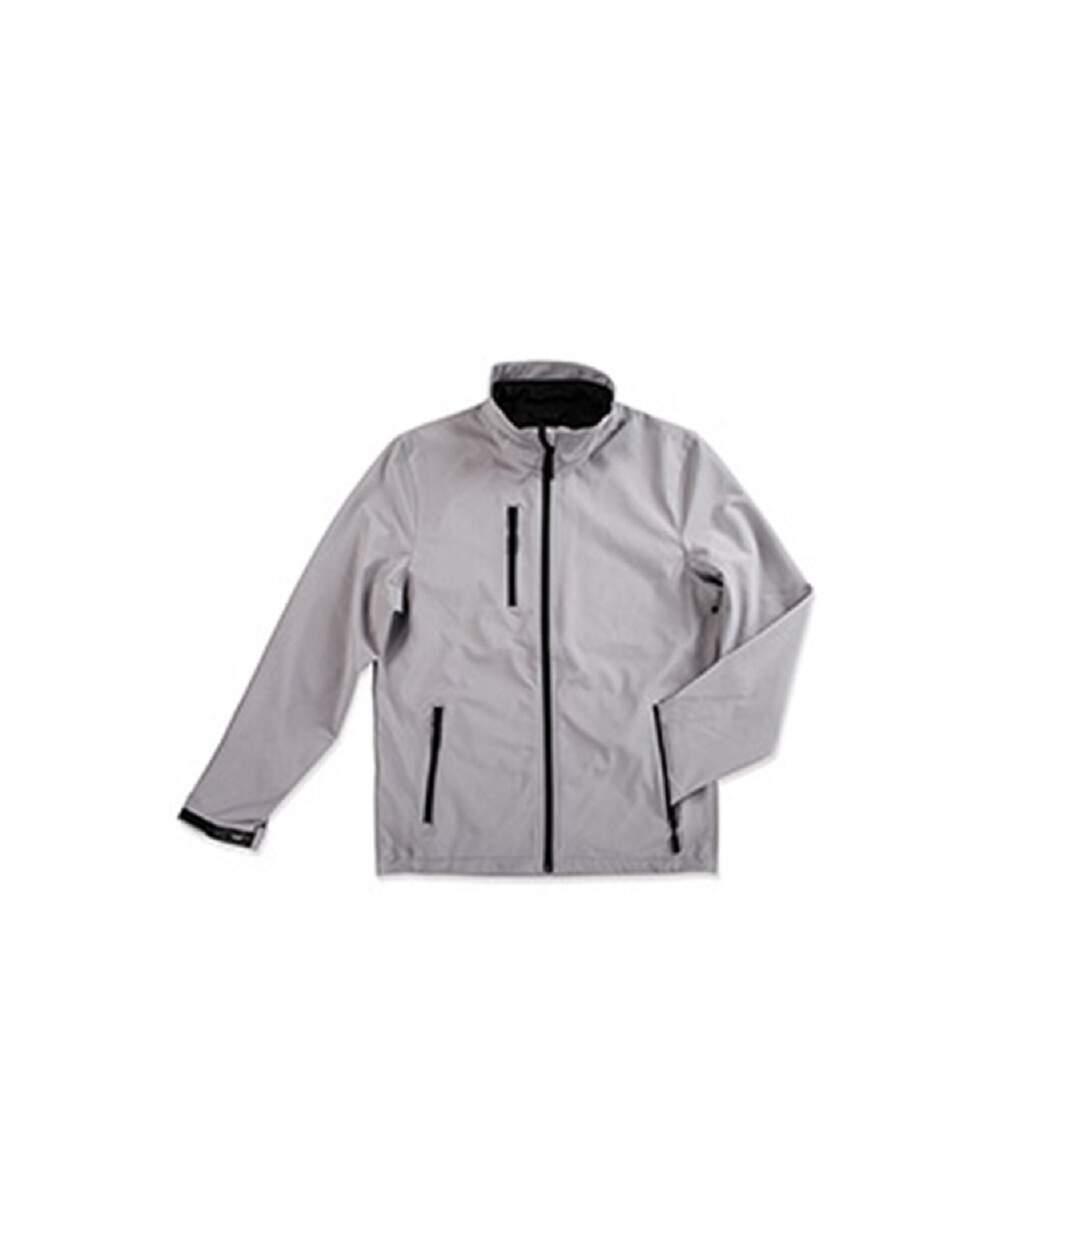 Stedman - Softshell Imperméable Active - Homme (Gris pâle) - UTAB307